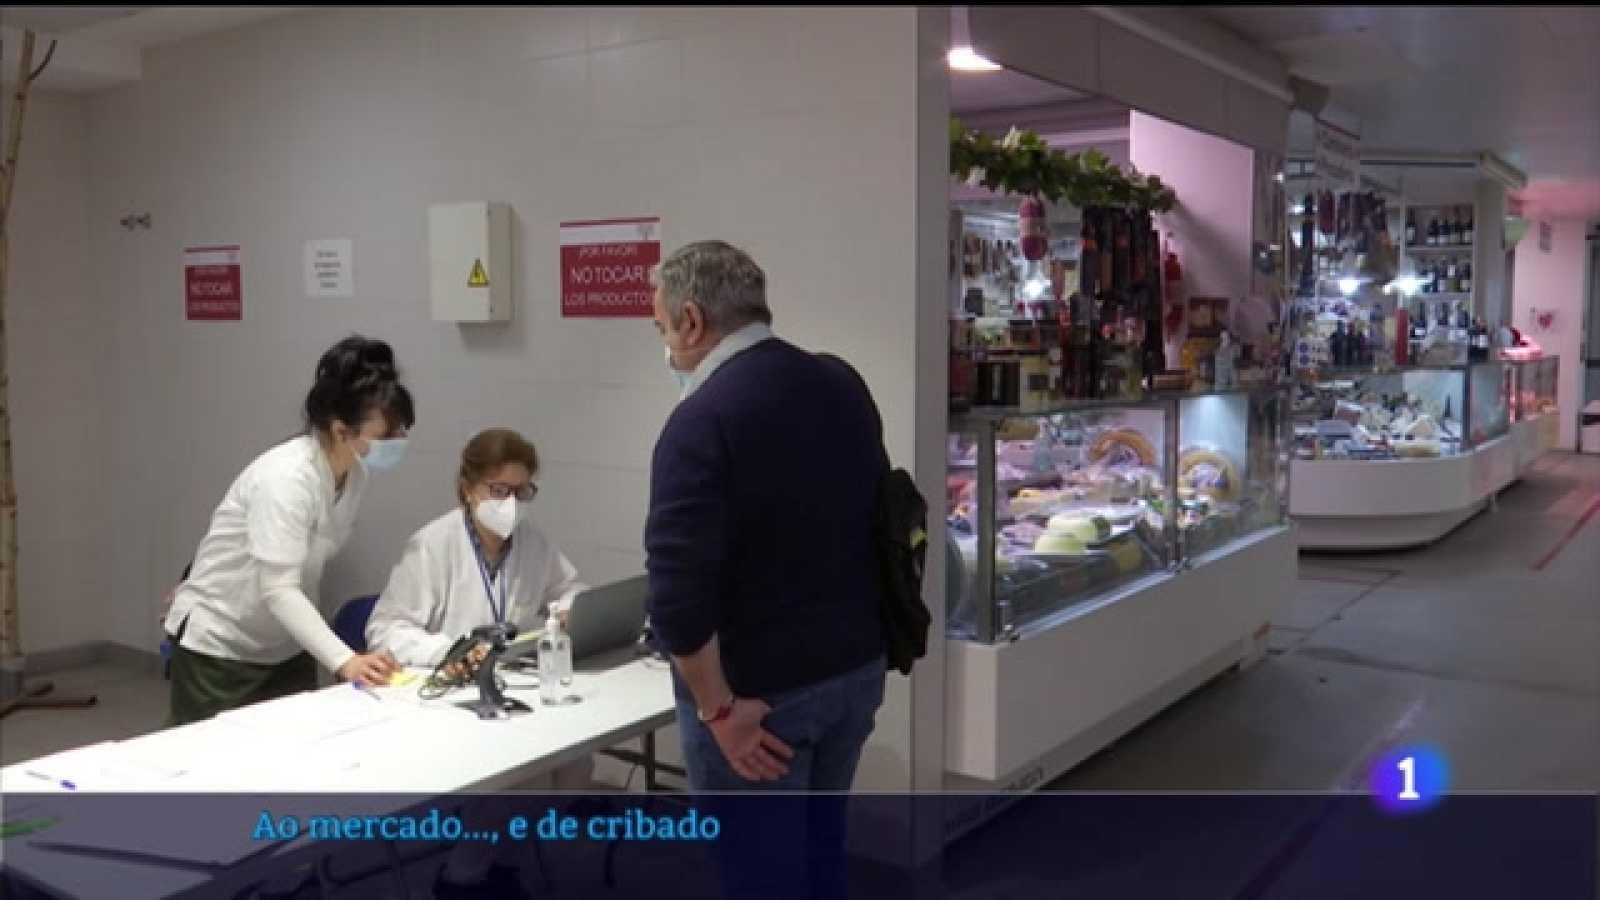 Peixe, froita e PCR nos mercados vigueses